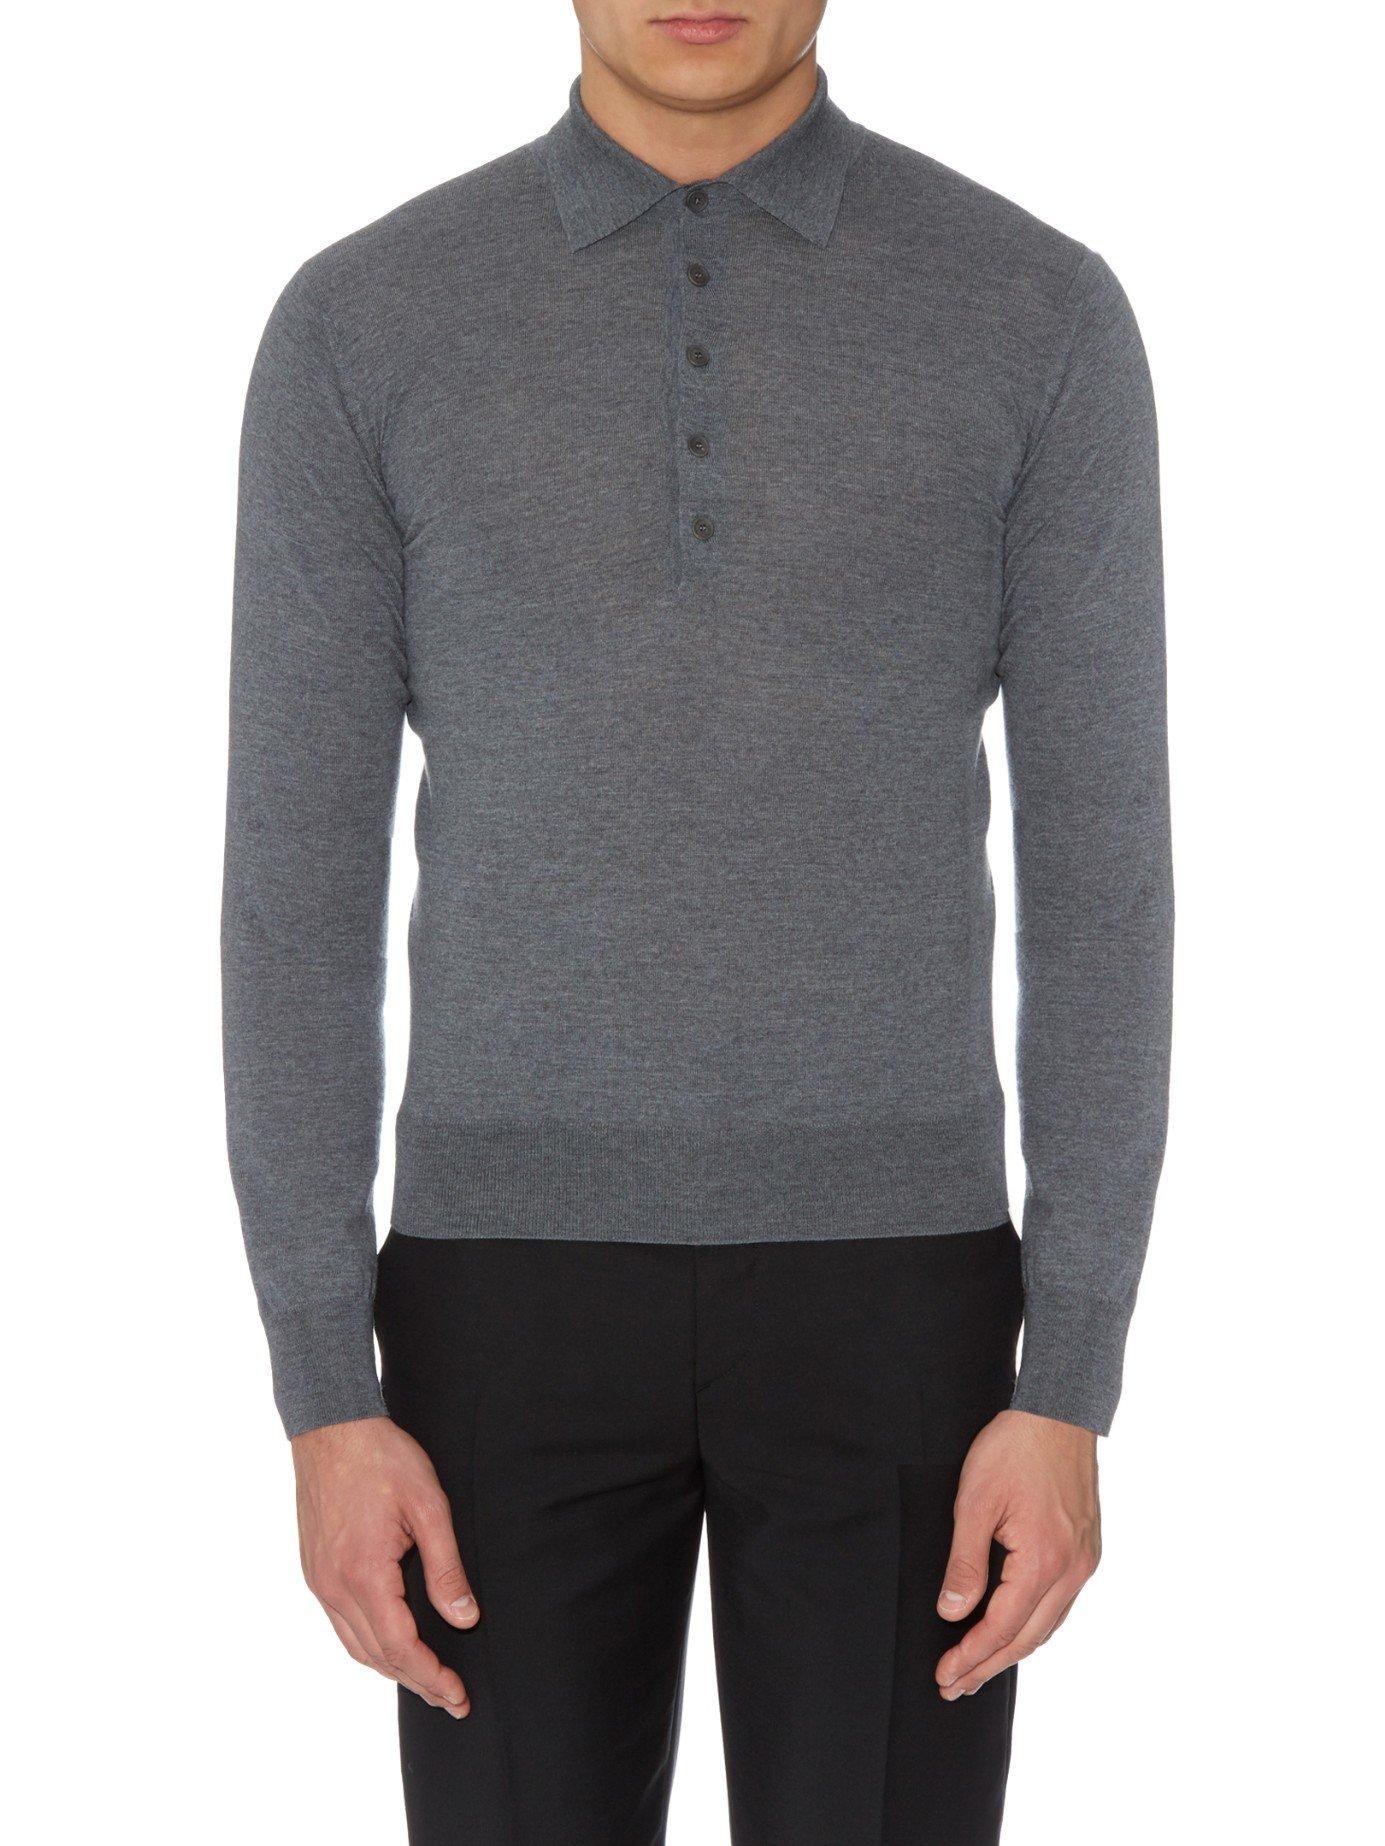 Bottega veneta long sleeved merino wool polo shirt in gray for Merino wool shirt long sleeve